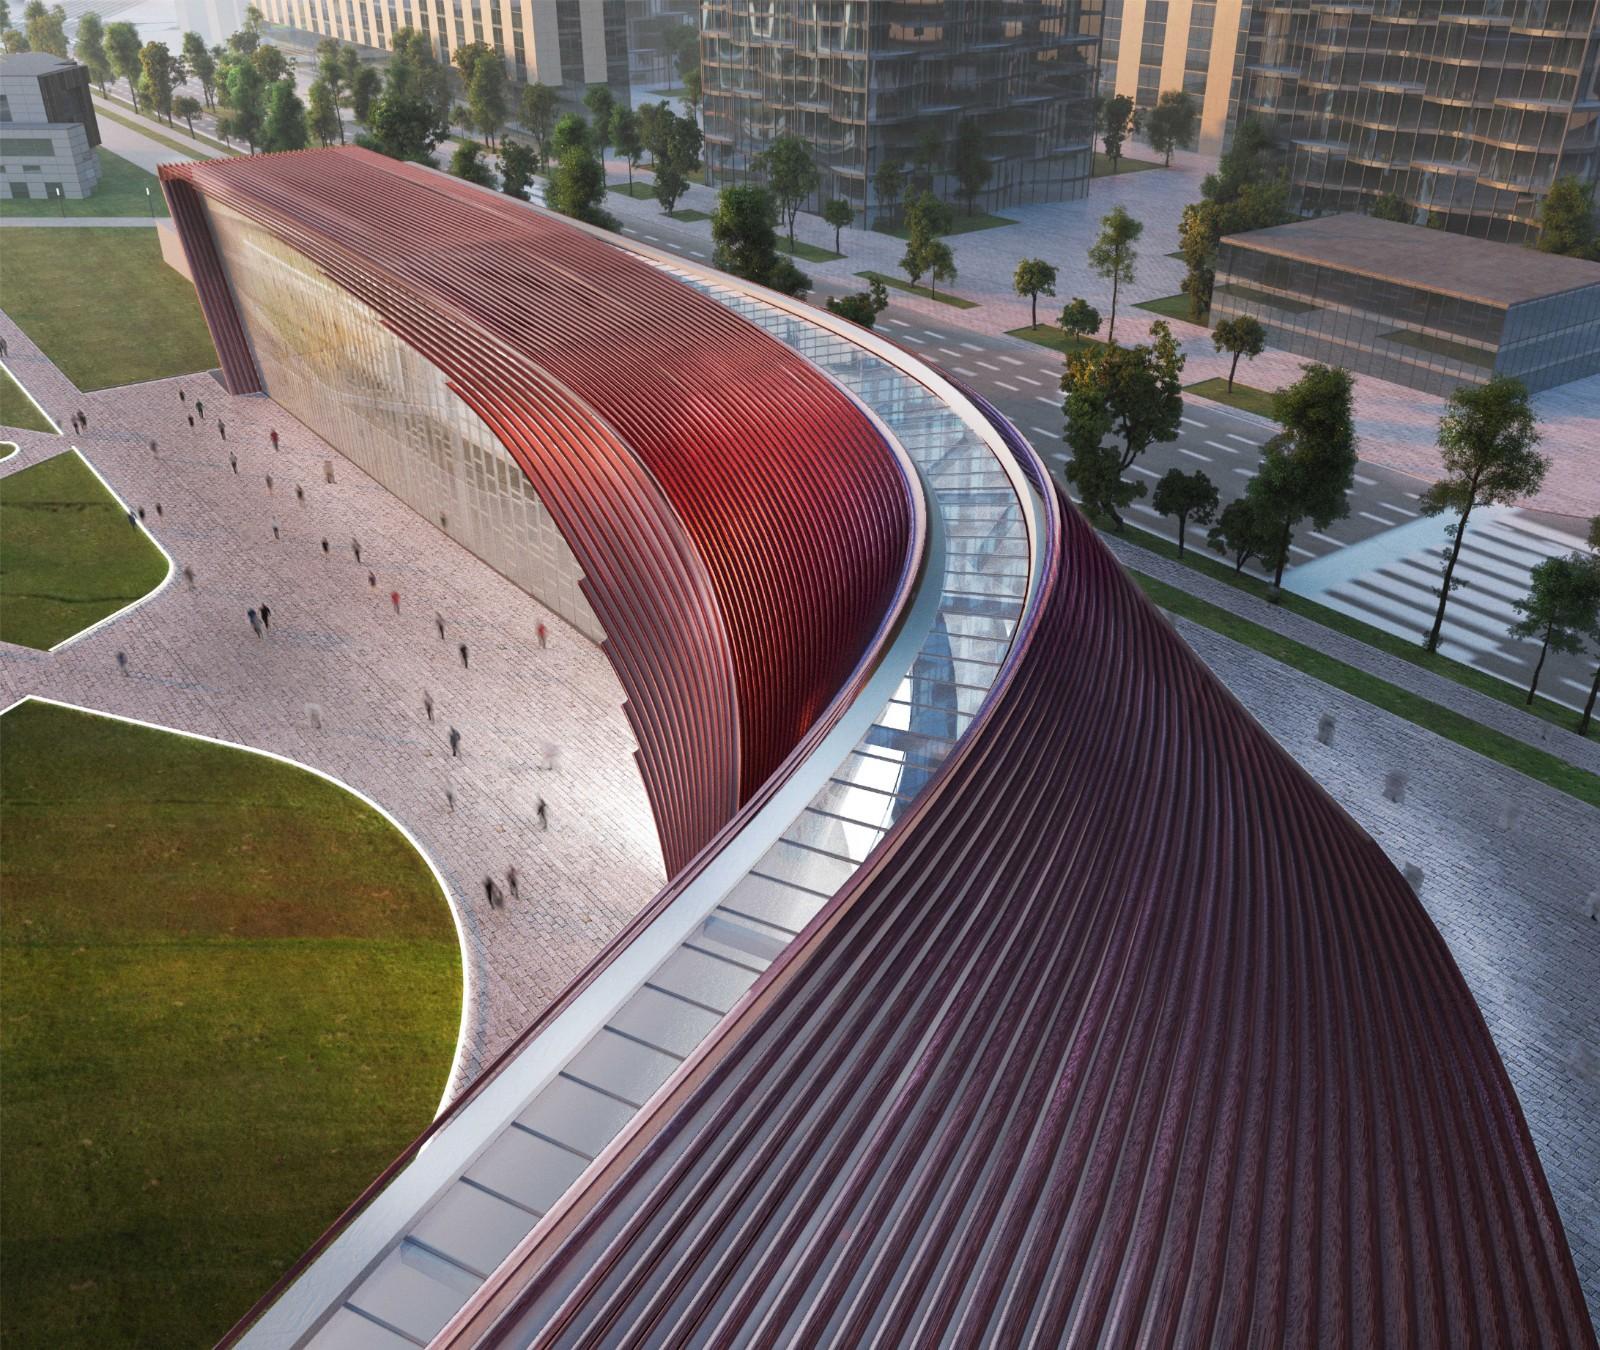 韩国国立世界文学博物馆竞赛建筑方案设计/ATIproject